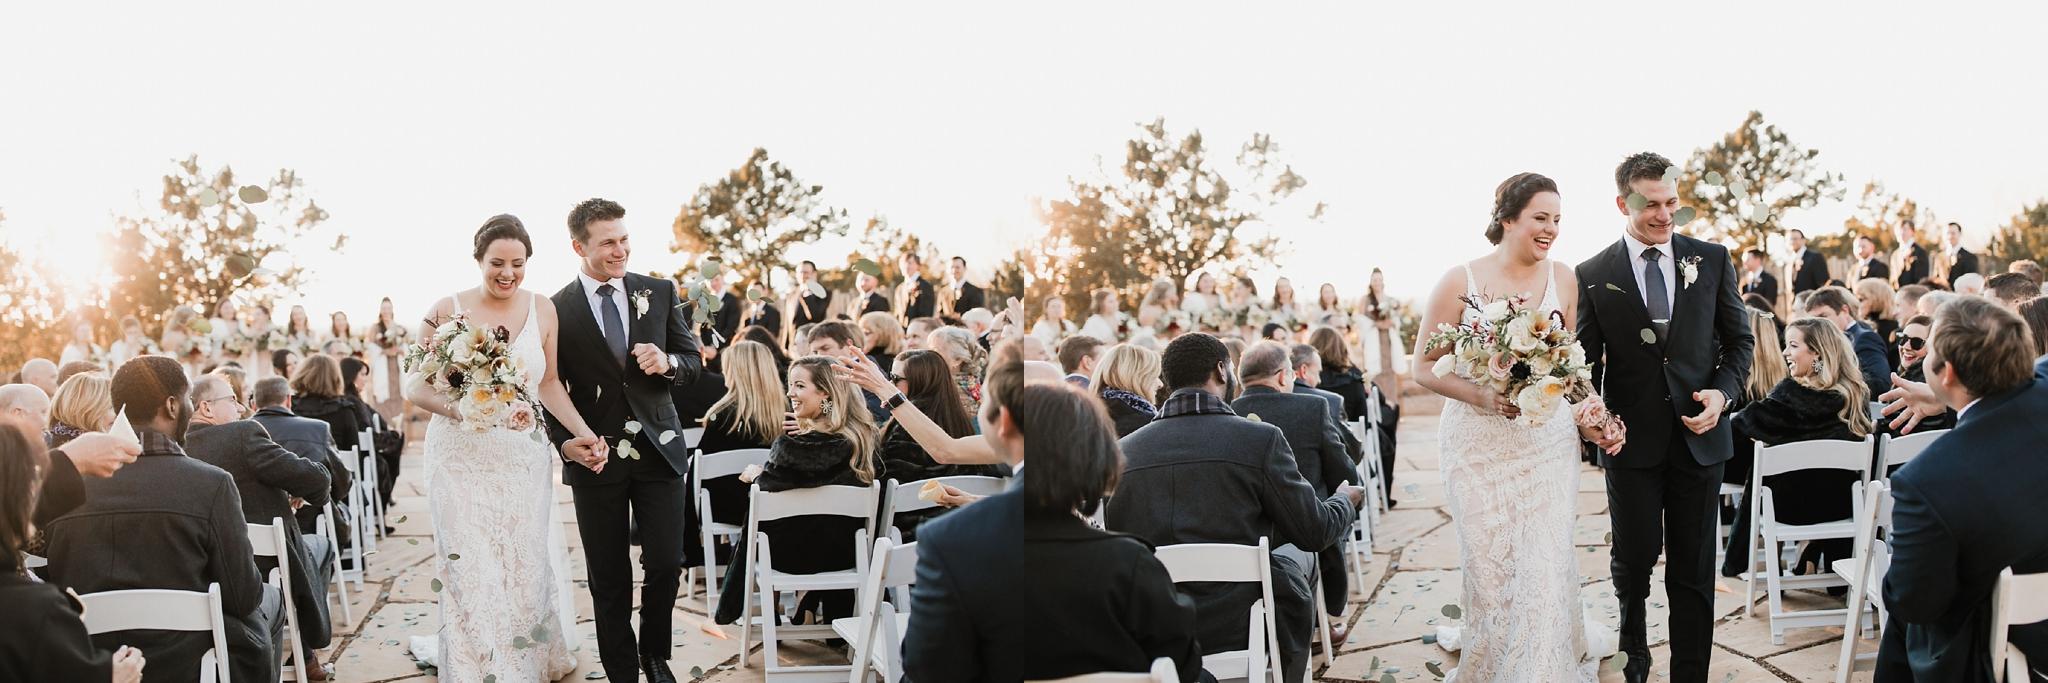 Alicia+lucia+photography+-+albuquerque+wedding+photographer+-+santa+fe+wedding+photography+-+new+mexico+wedding+photographer+-+new+mexico+wedding+-+santa+fe+wedding+-+four+seasons+wedding+-+winter+wedding_0066.jpg